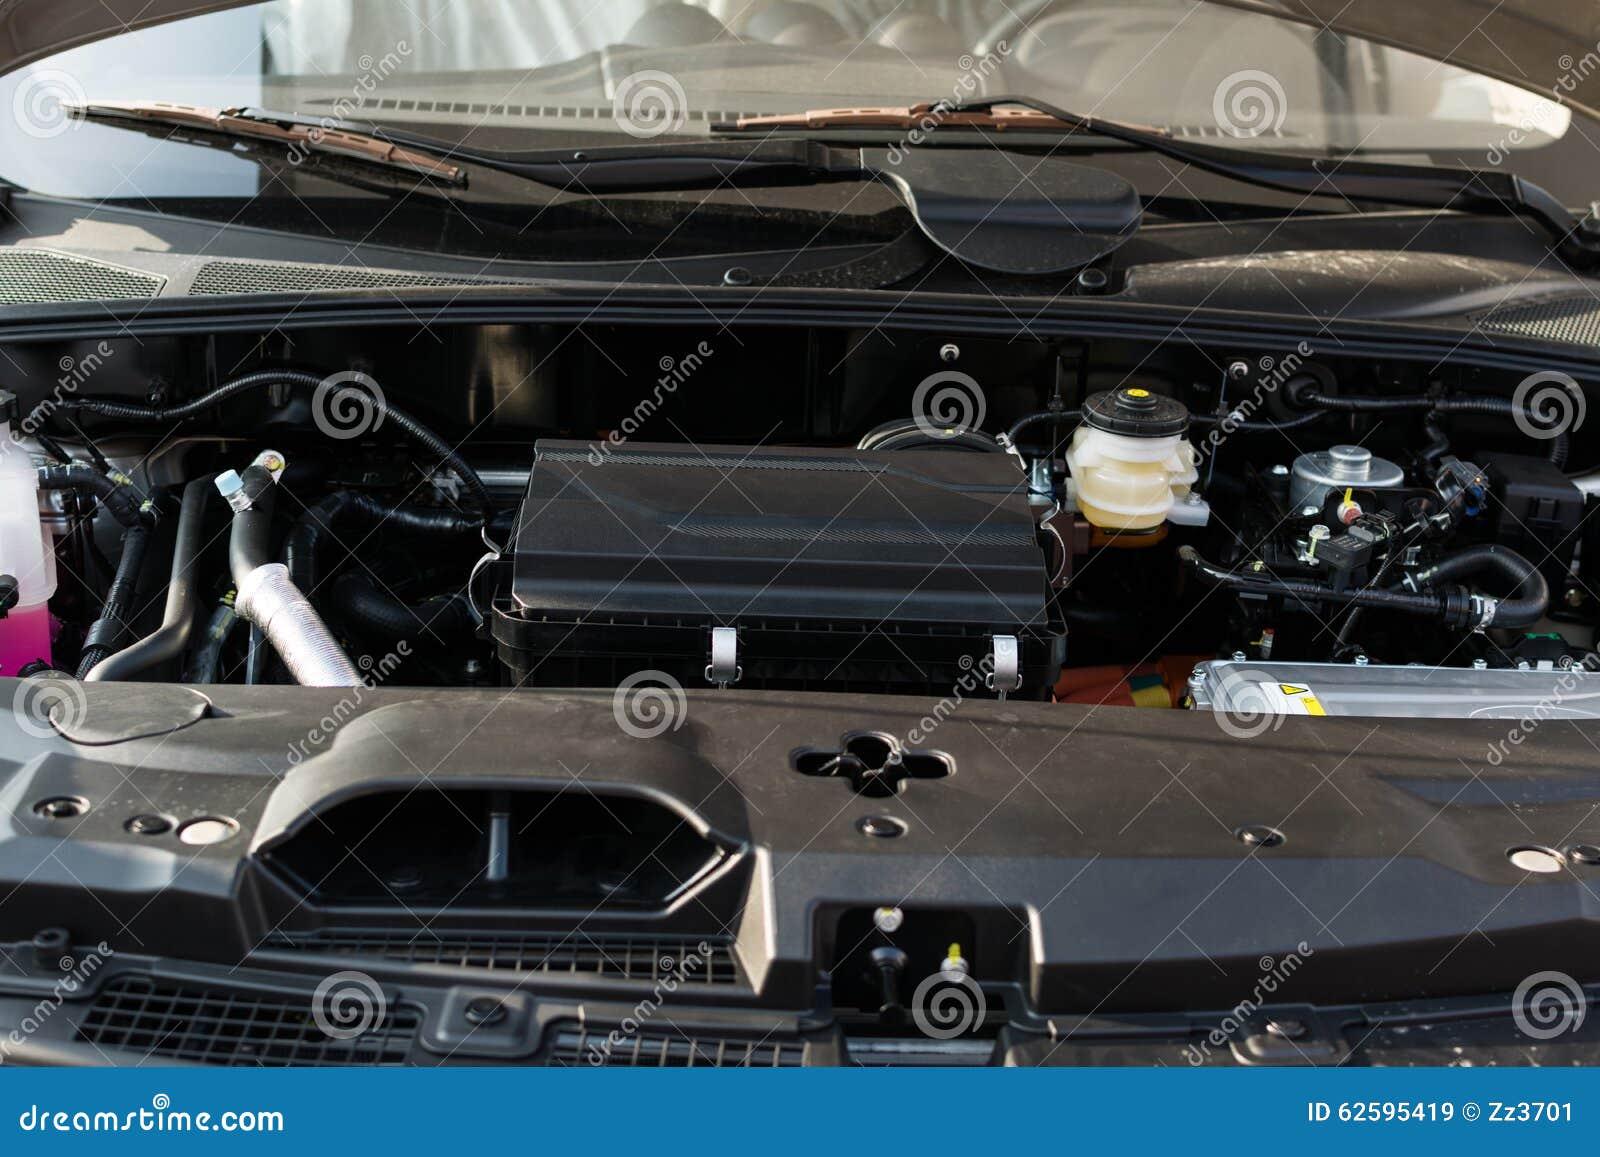 Engine Of Hybrid Vehicle Stock Photo Image 62595419